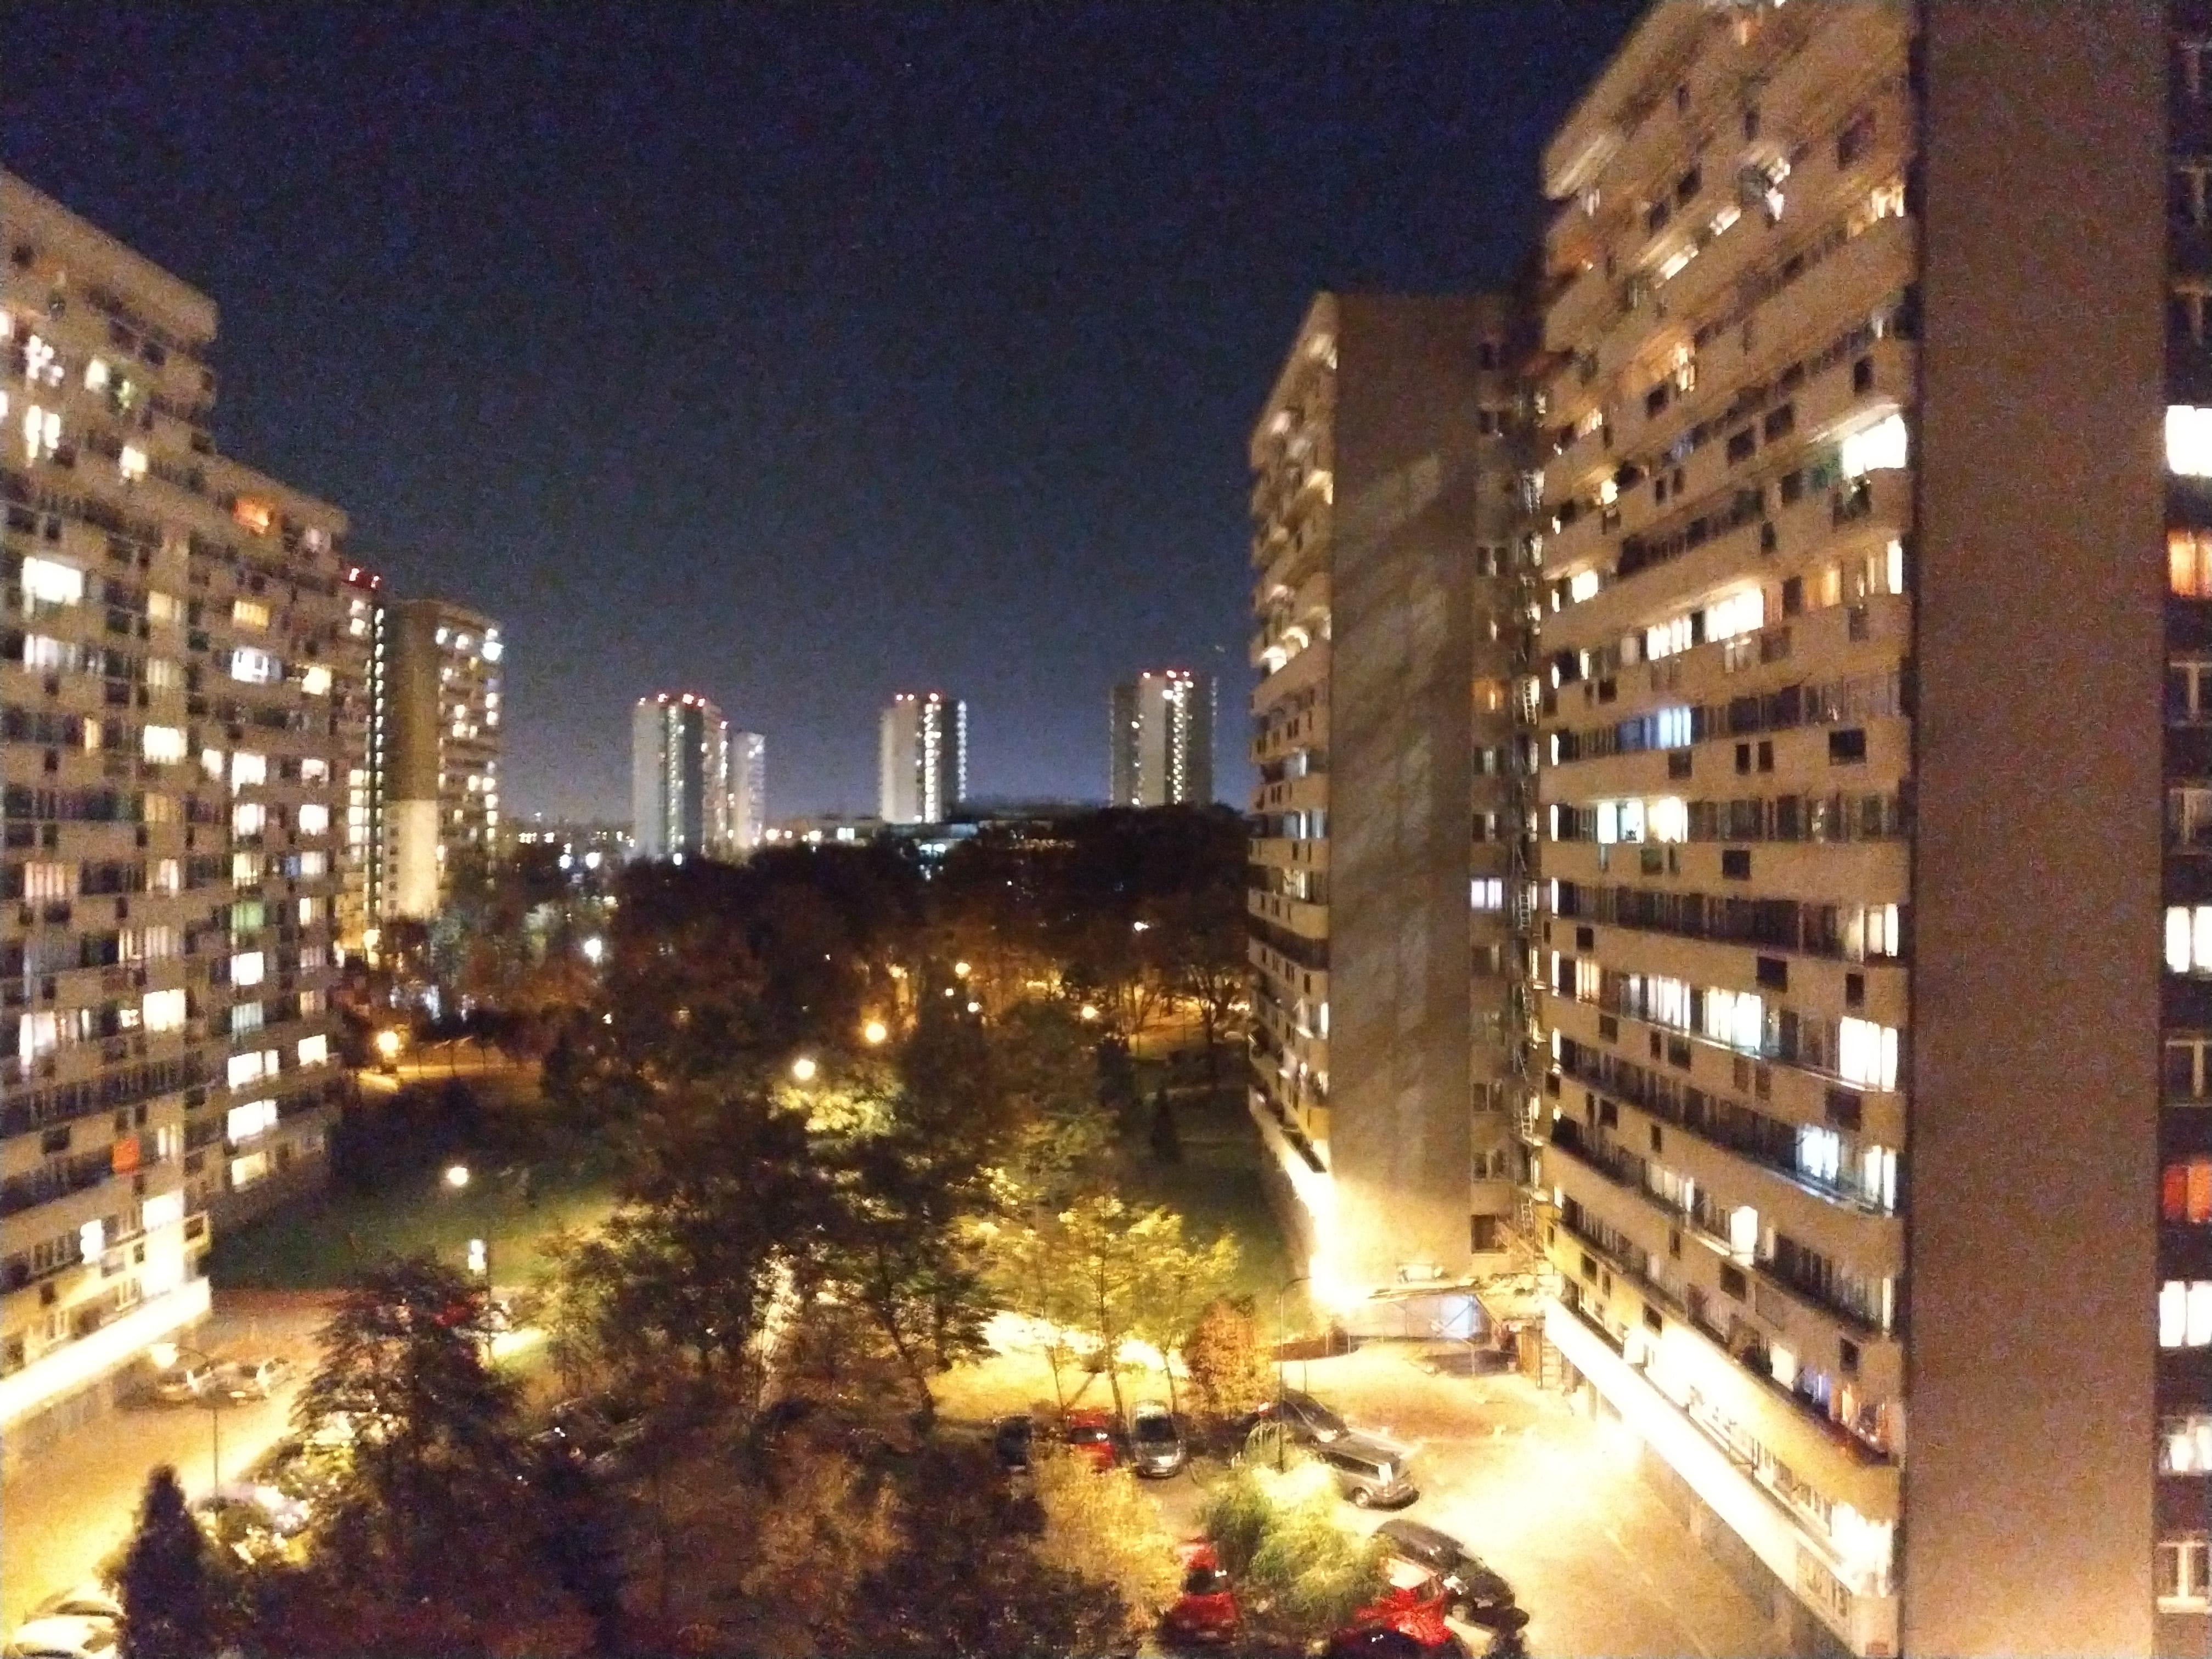 Zdjęcia nocne - Motorola Moto G6 Plus